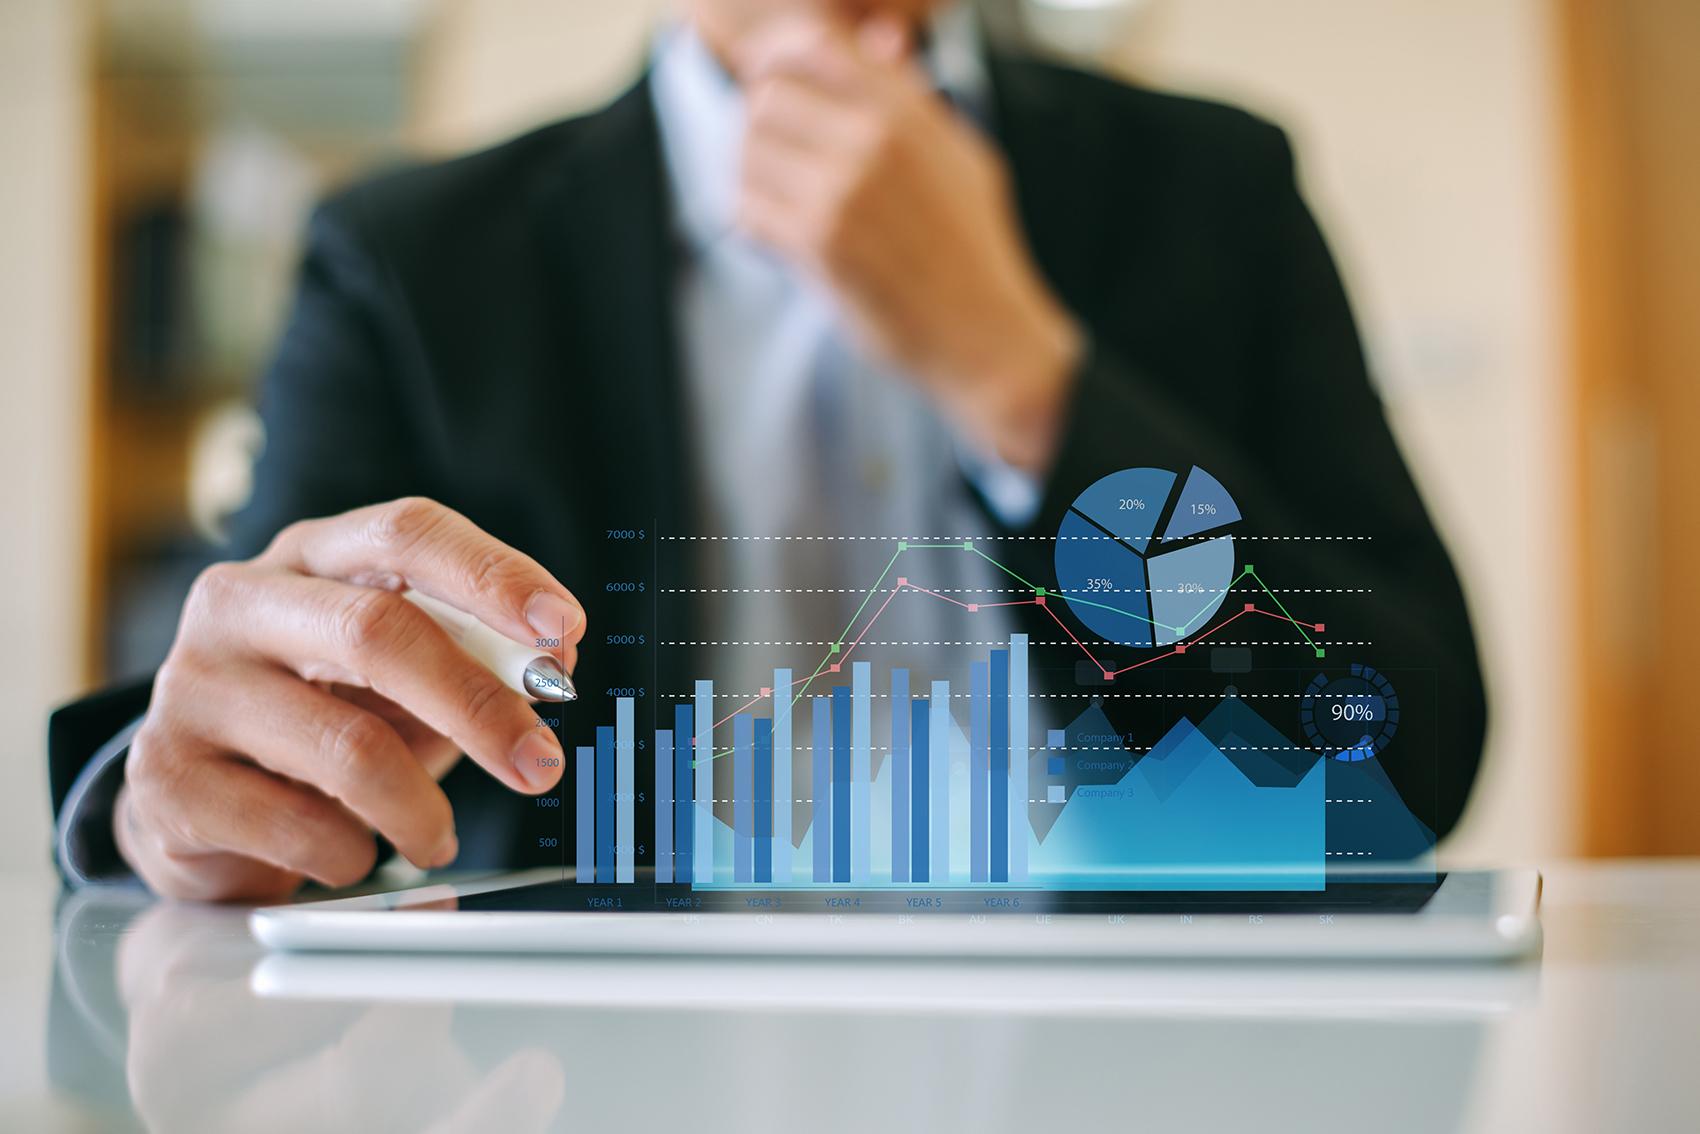 苏春园:当数据驱动成为趋势,CEO该做何改变?